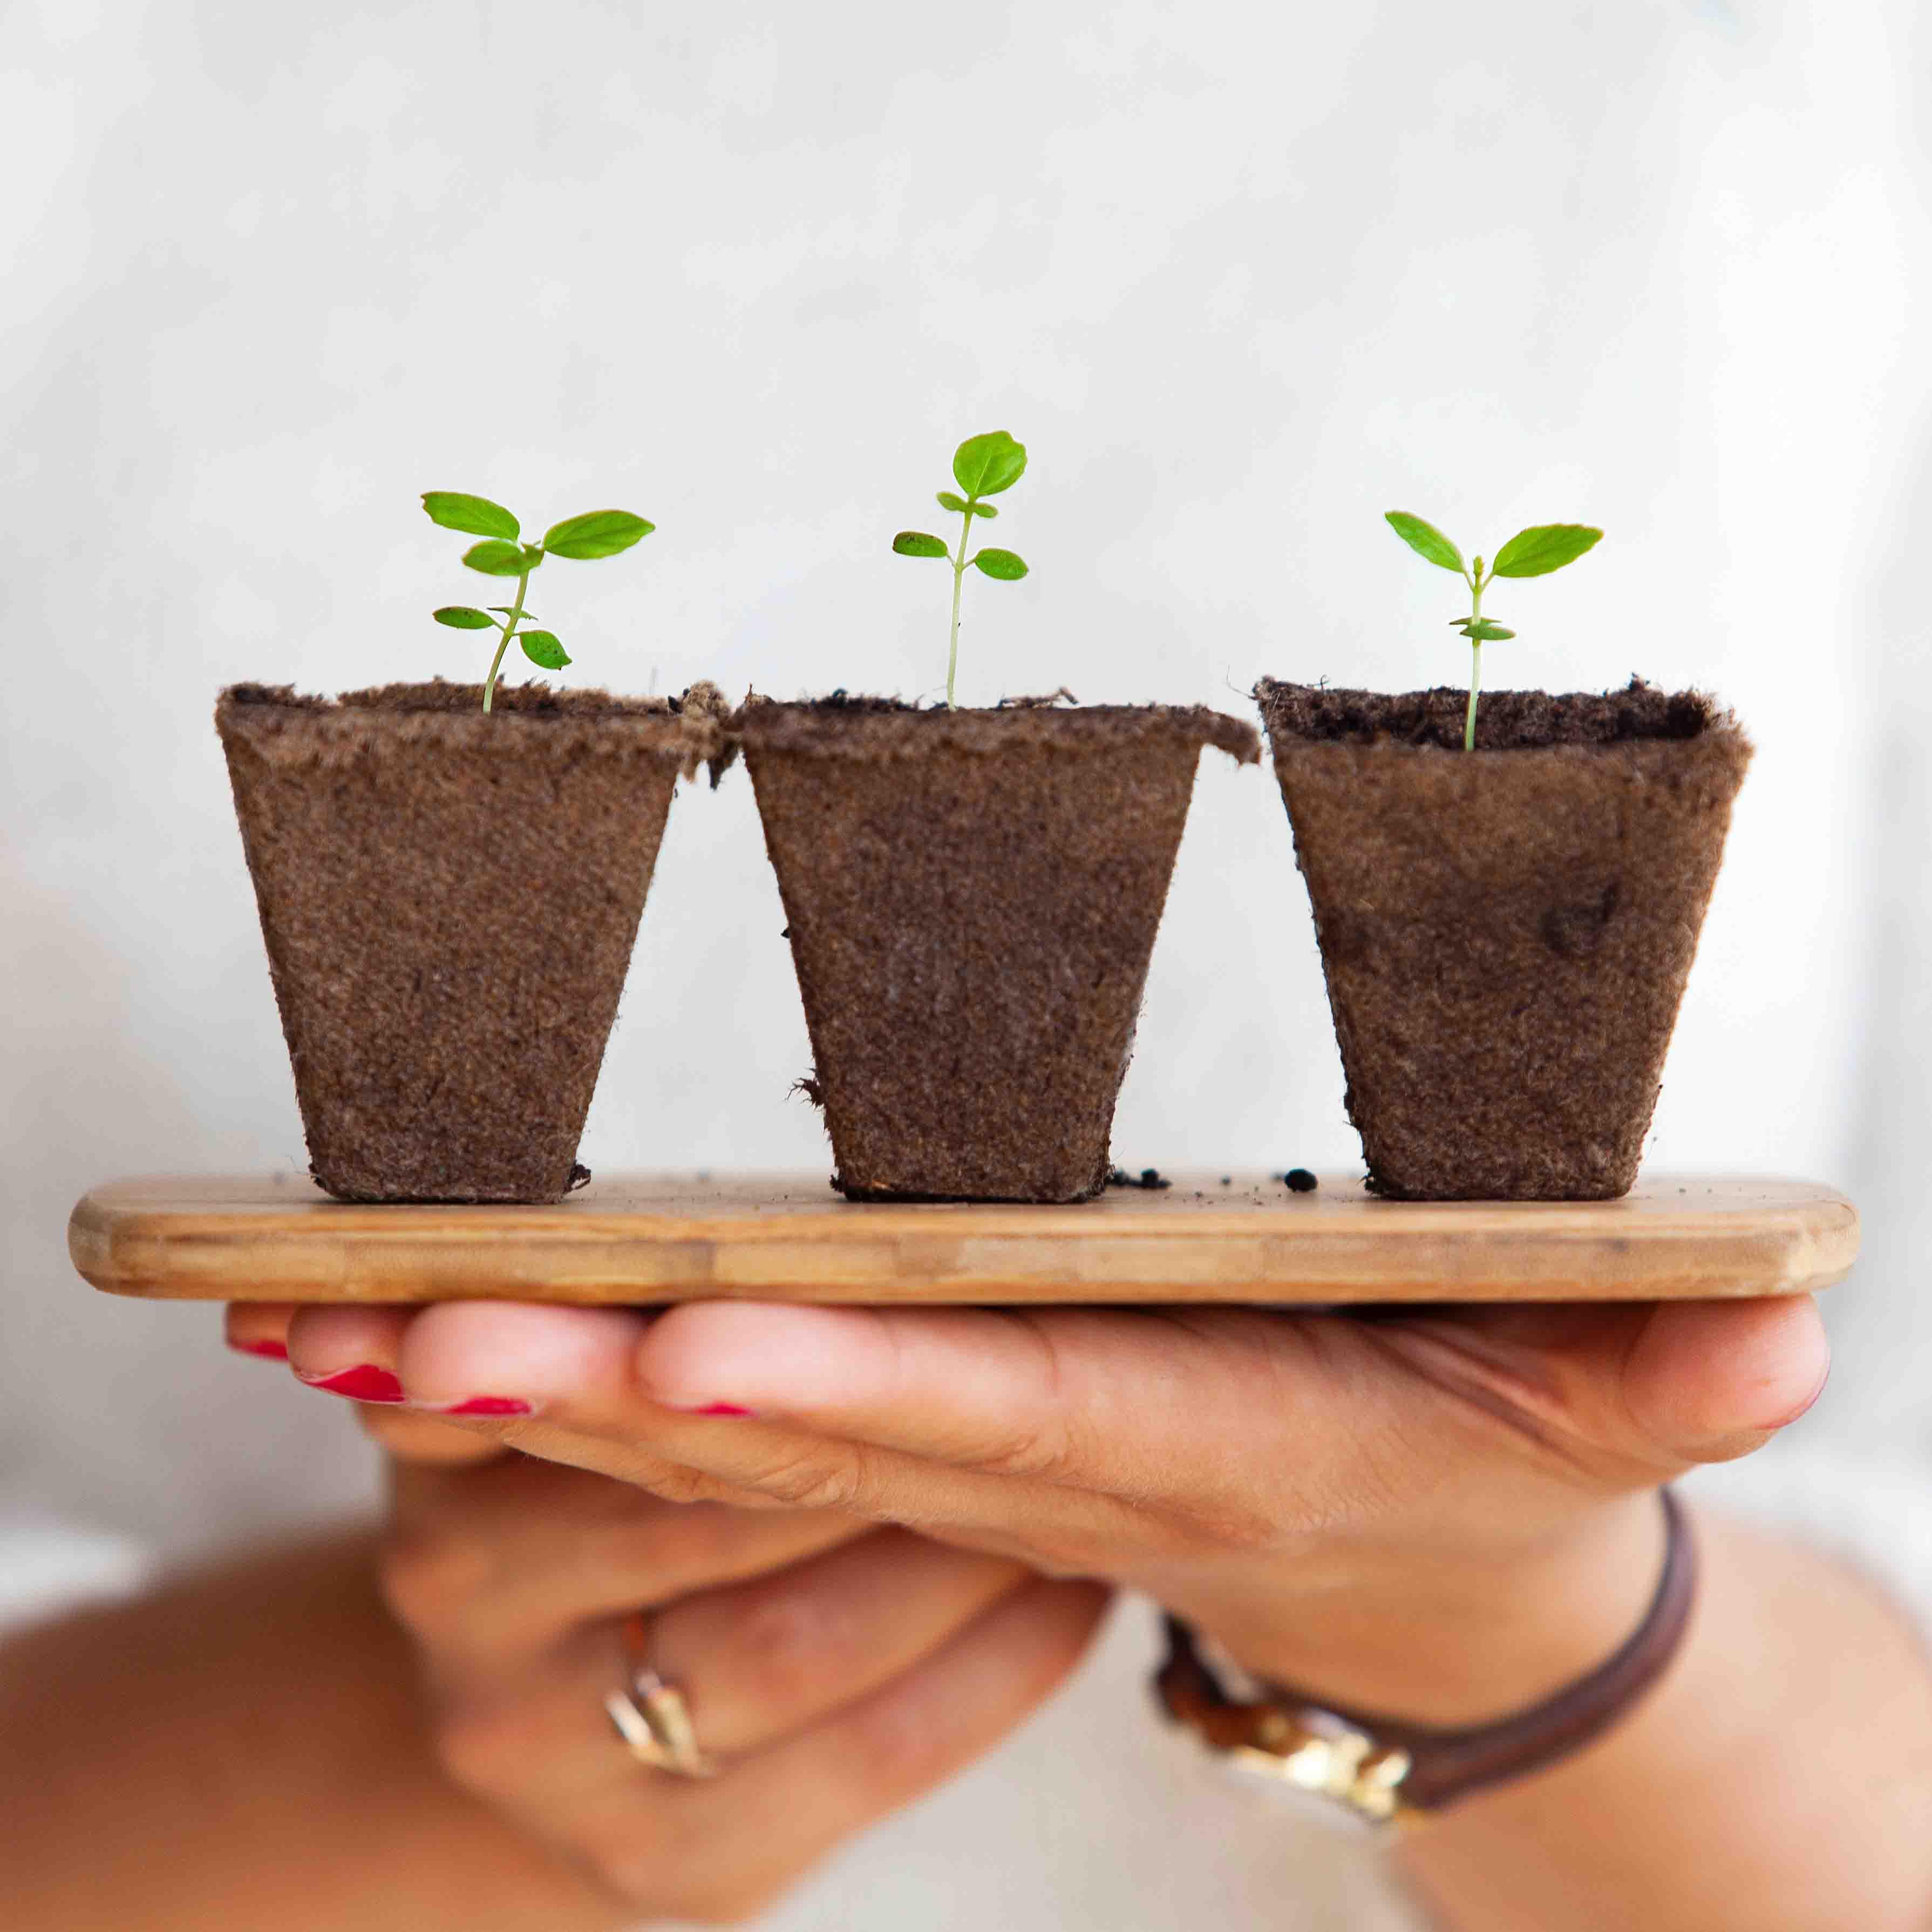 trồng cây bảo vệ môi trường